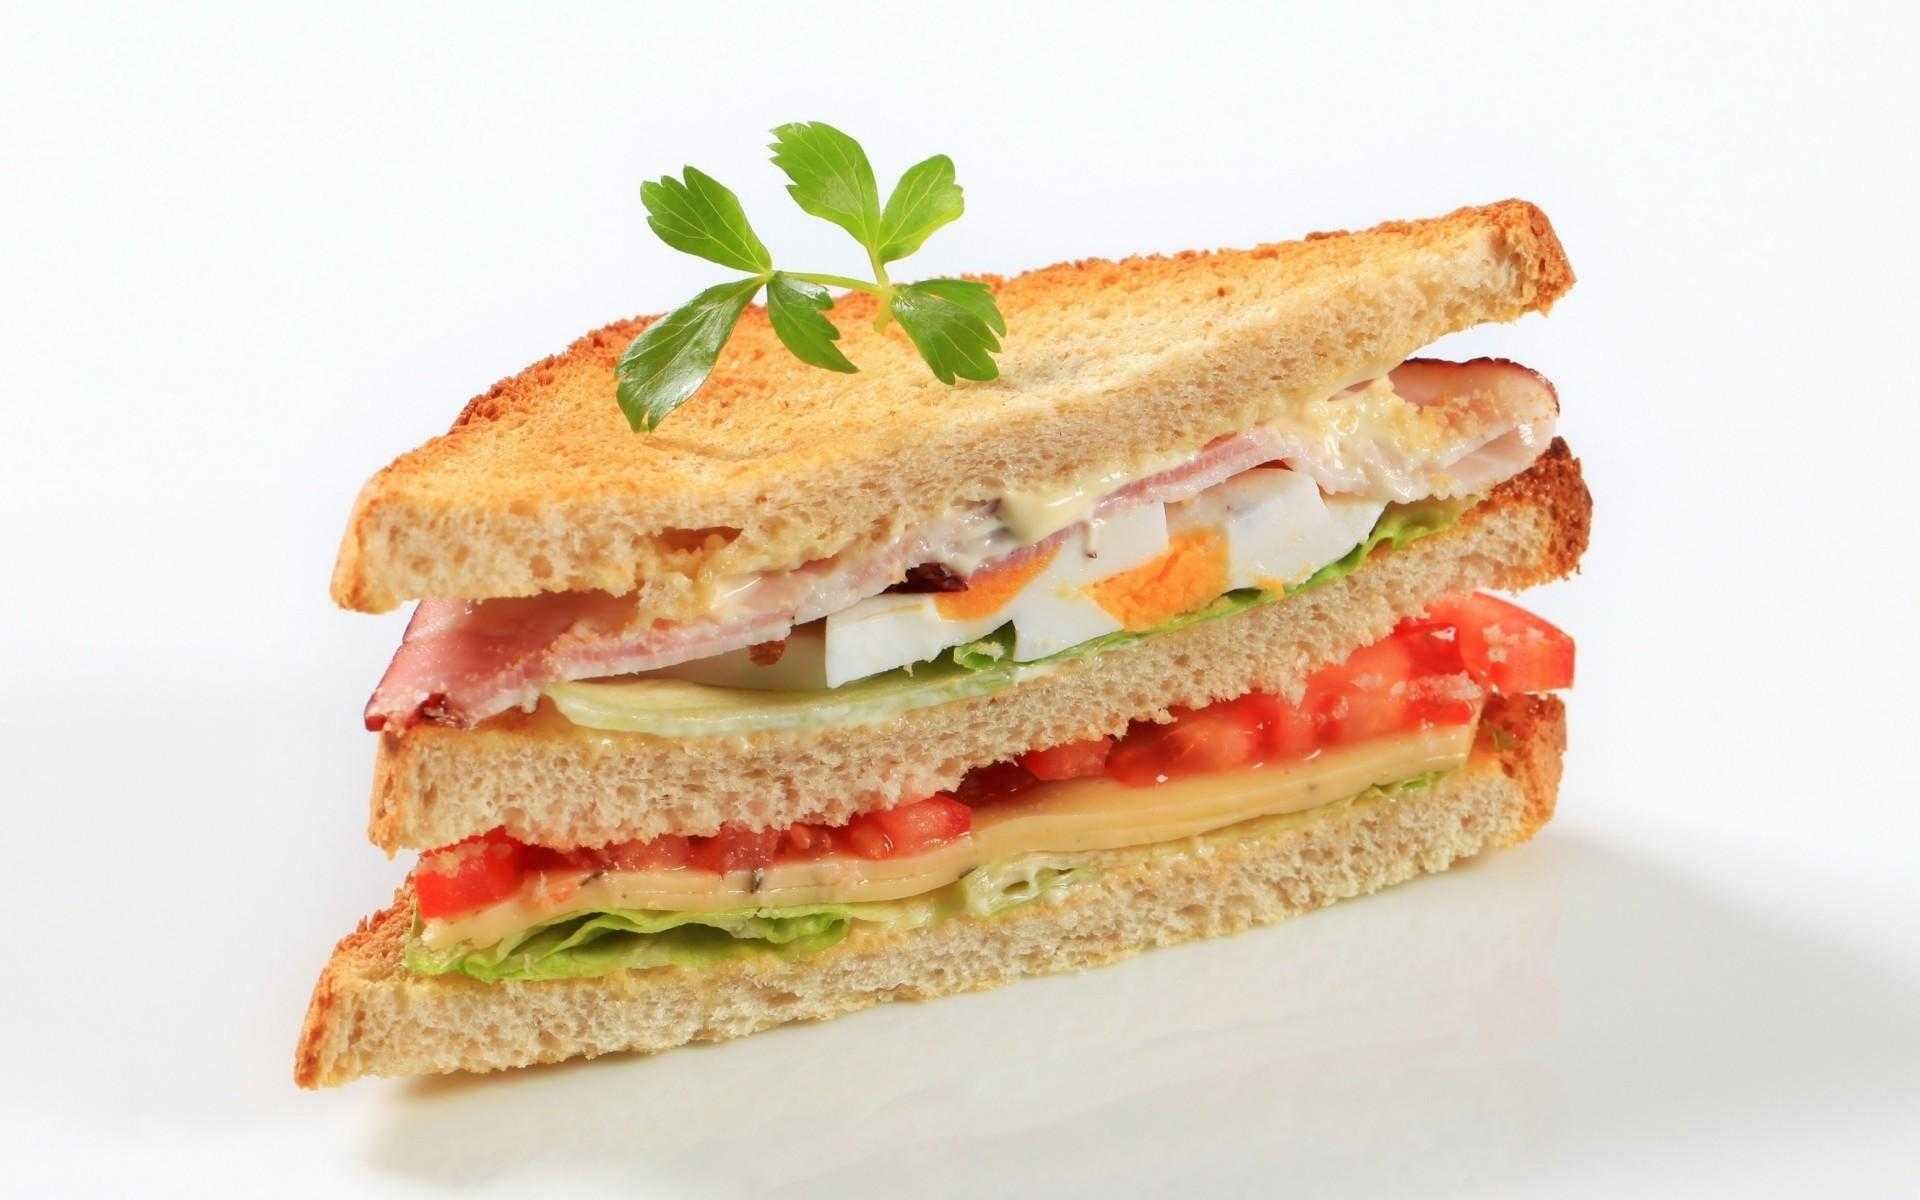 Торт сэндвич закусочный мясной, рецепт с фото от фоторецепт.ru